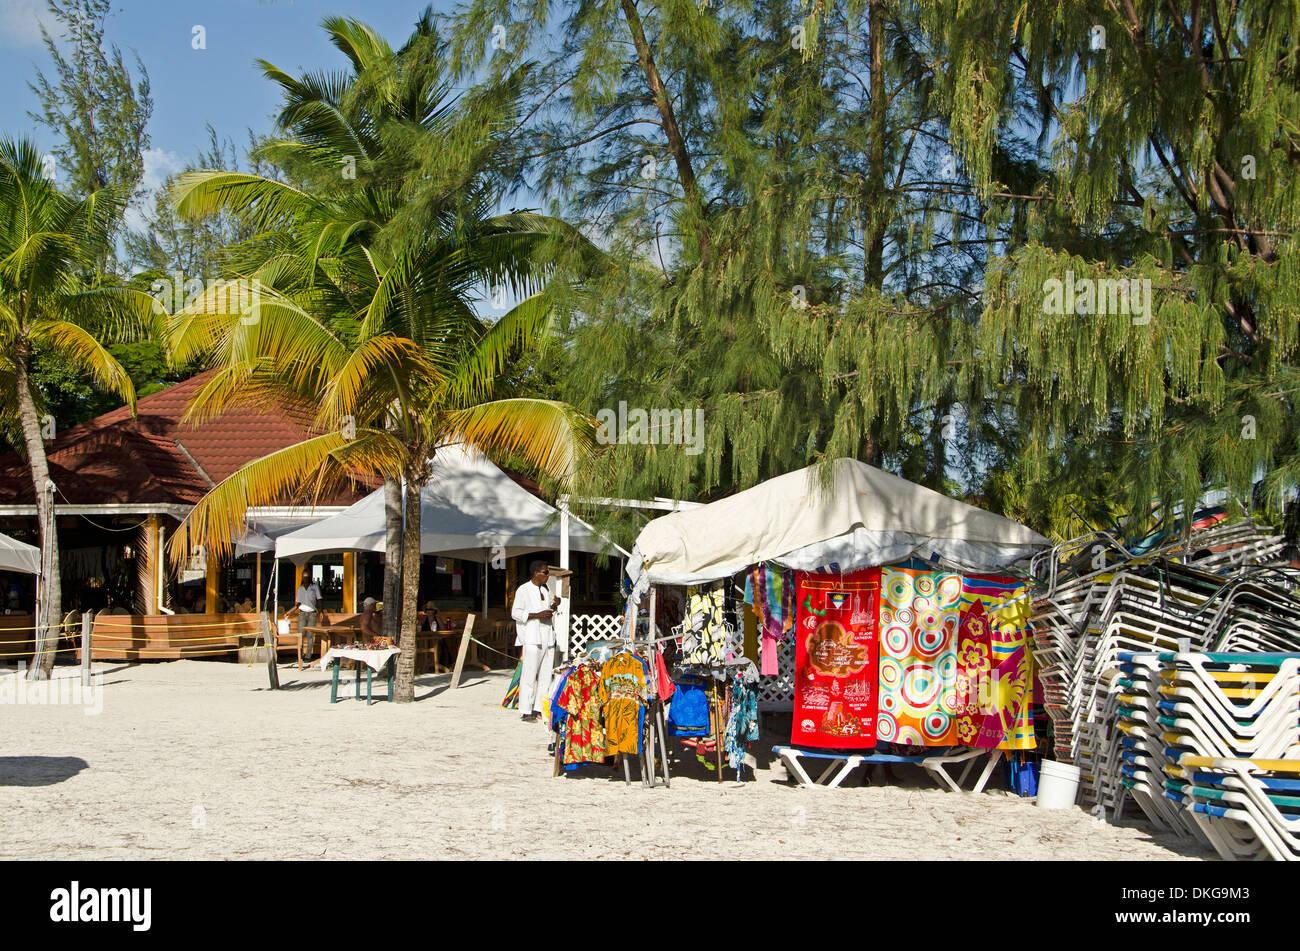 Puesto en el mercado en la playa, Jolly Beach, Antigua y Barbuda, Antillas, el Caribe, América Imagen De Stock